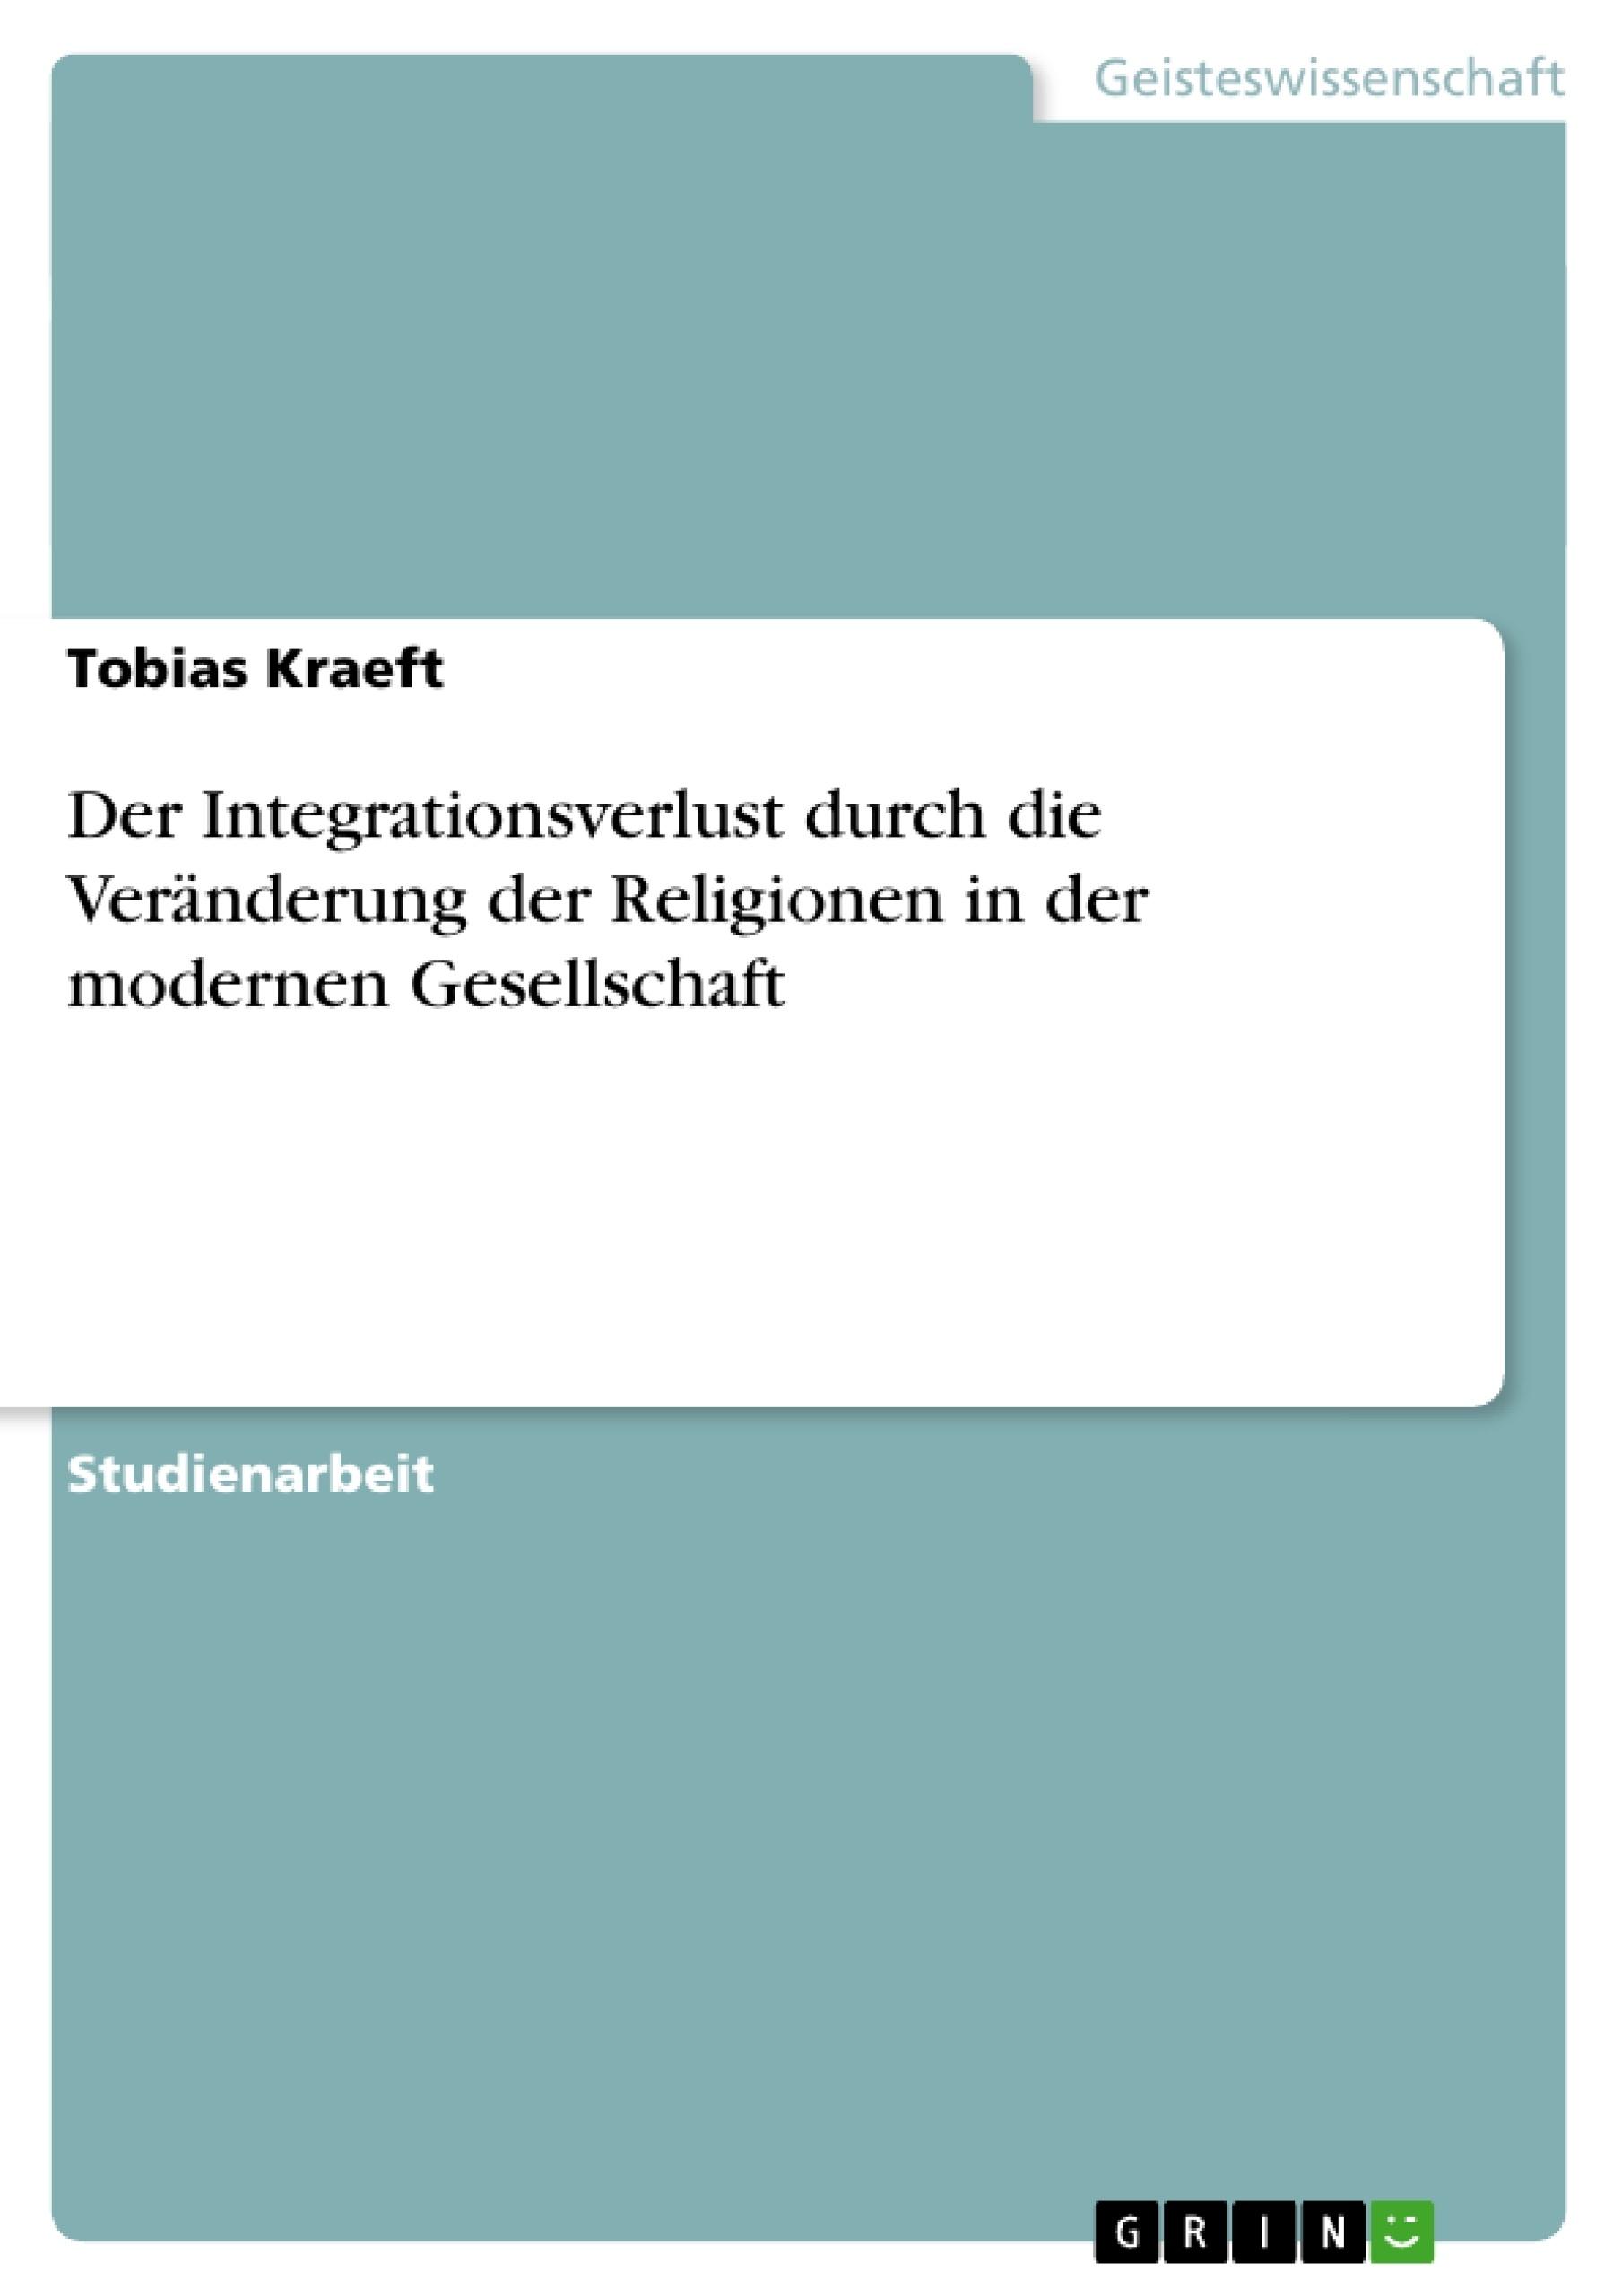 Titel: Der Integrationsverlust durch die Veränderung der Religionen in der modernen Gesellschaft